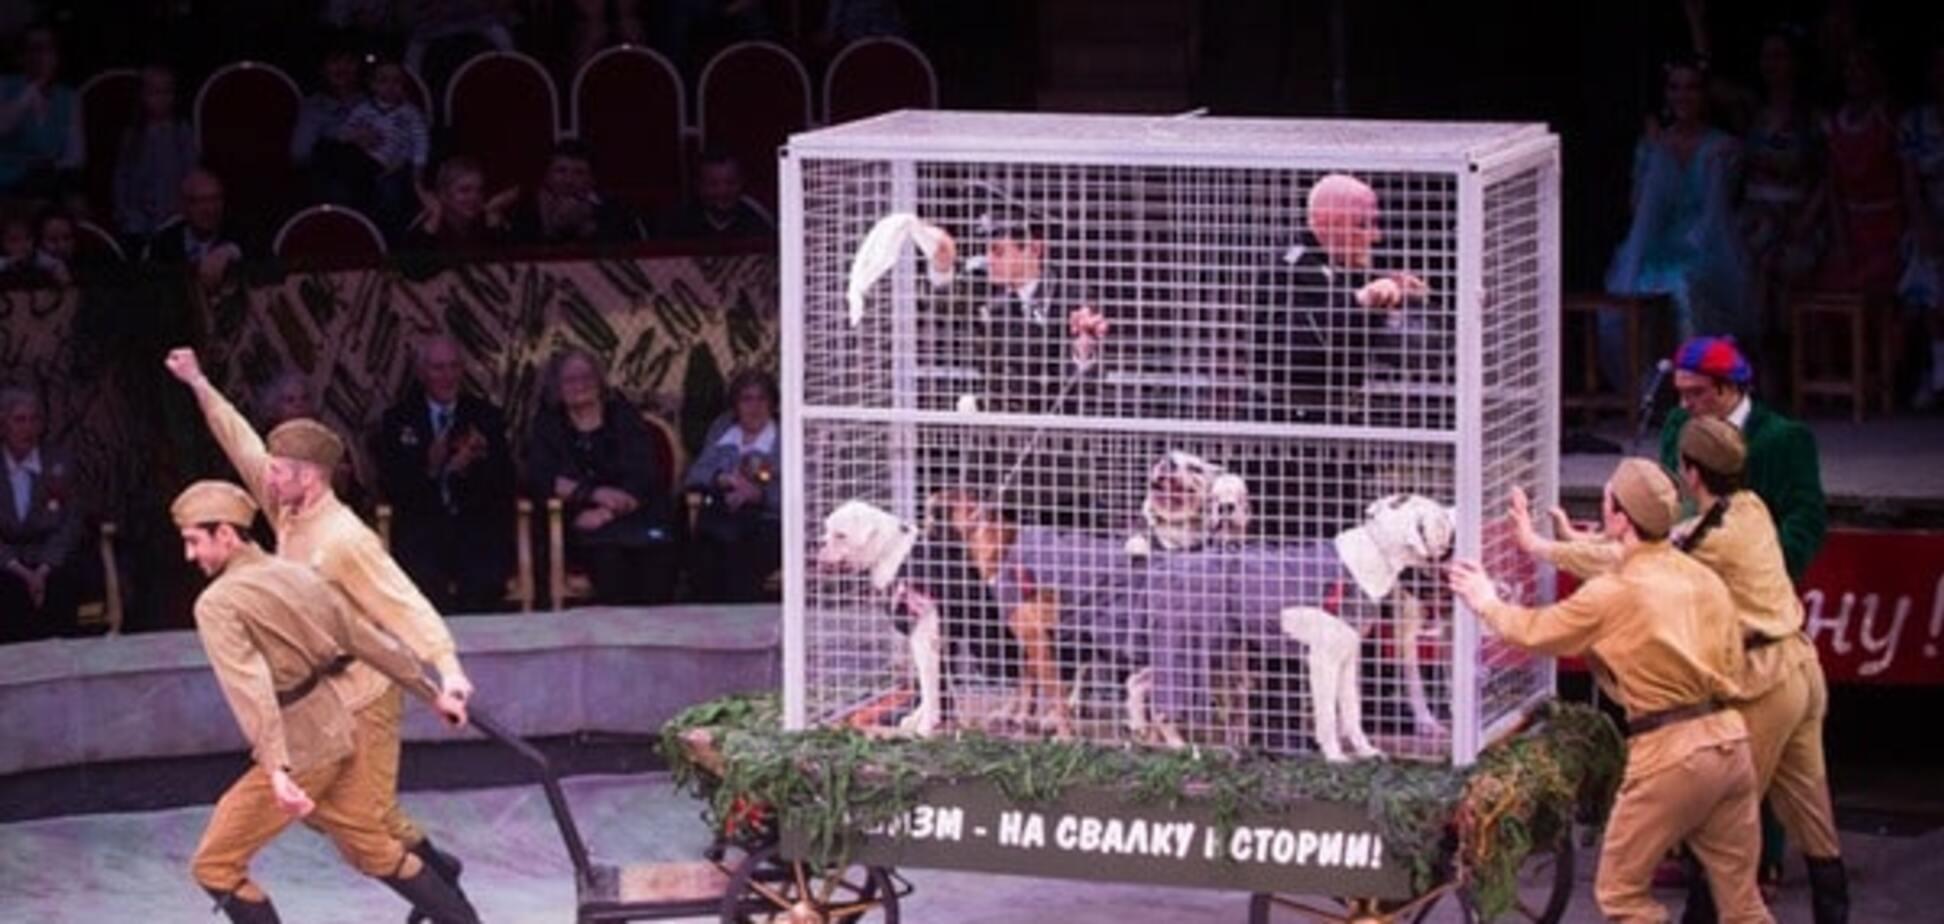 Россия, цирк, пропаганда